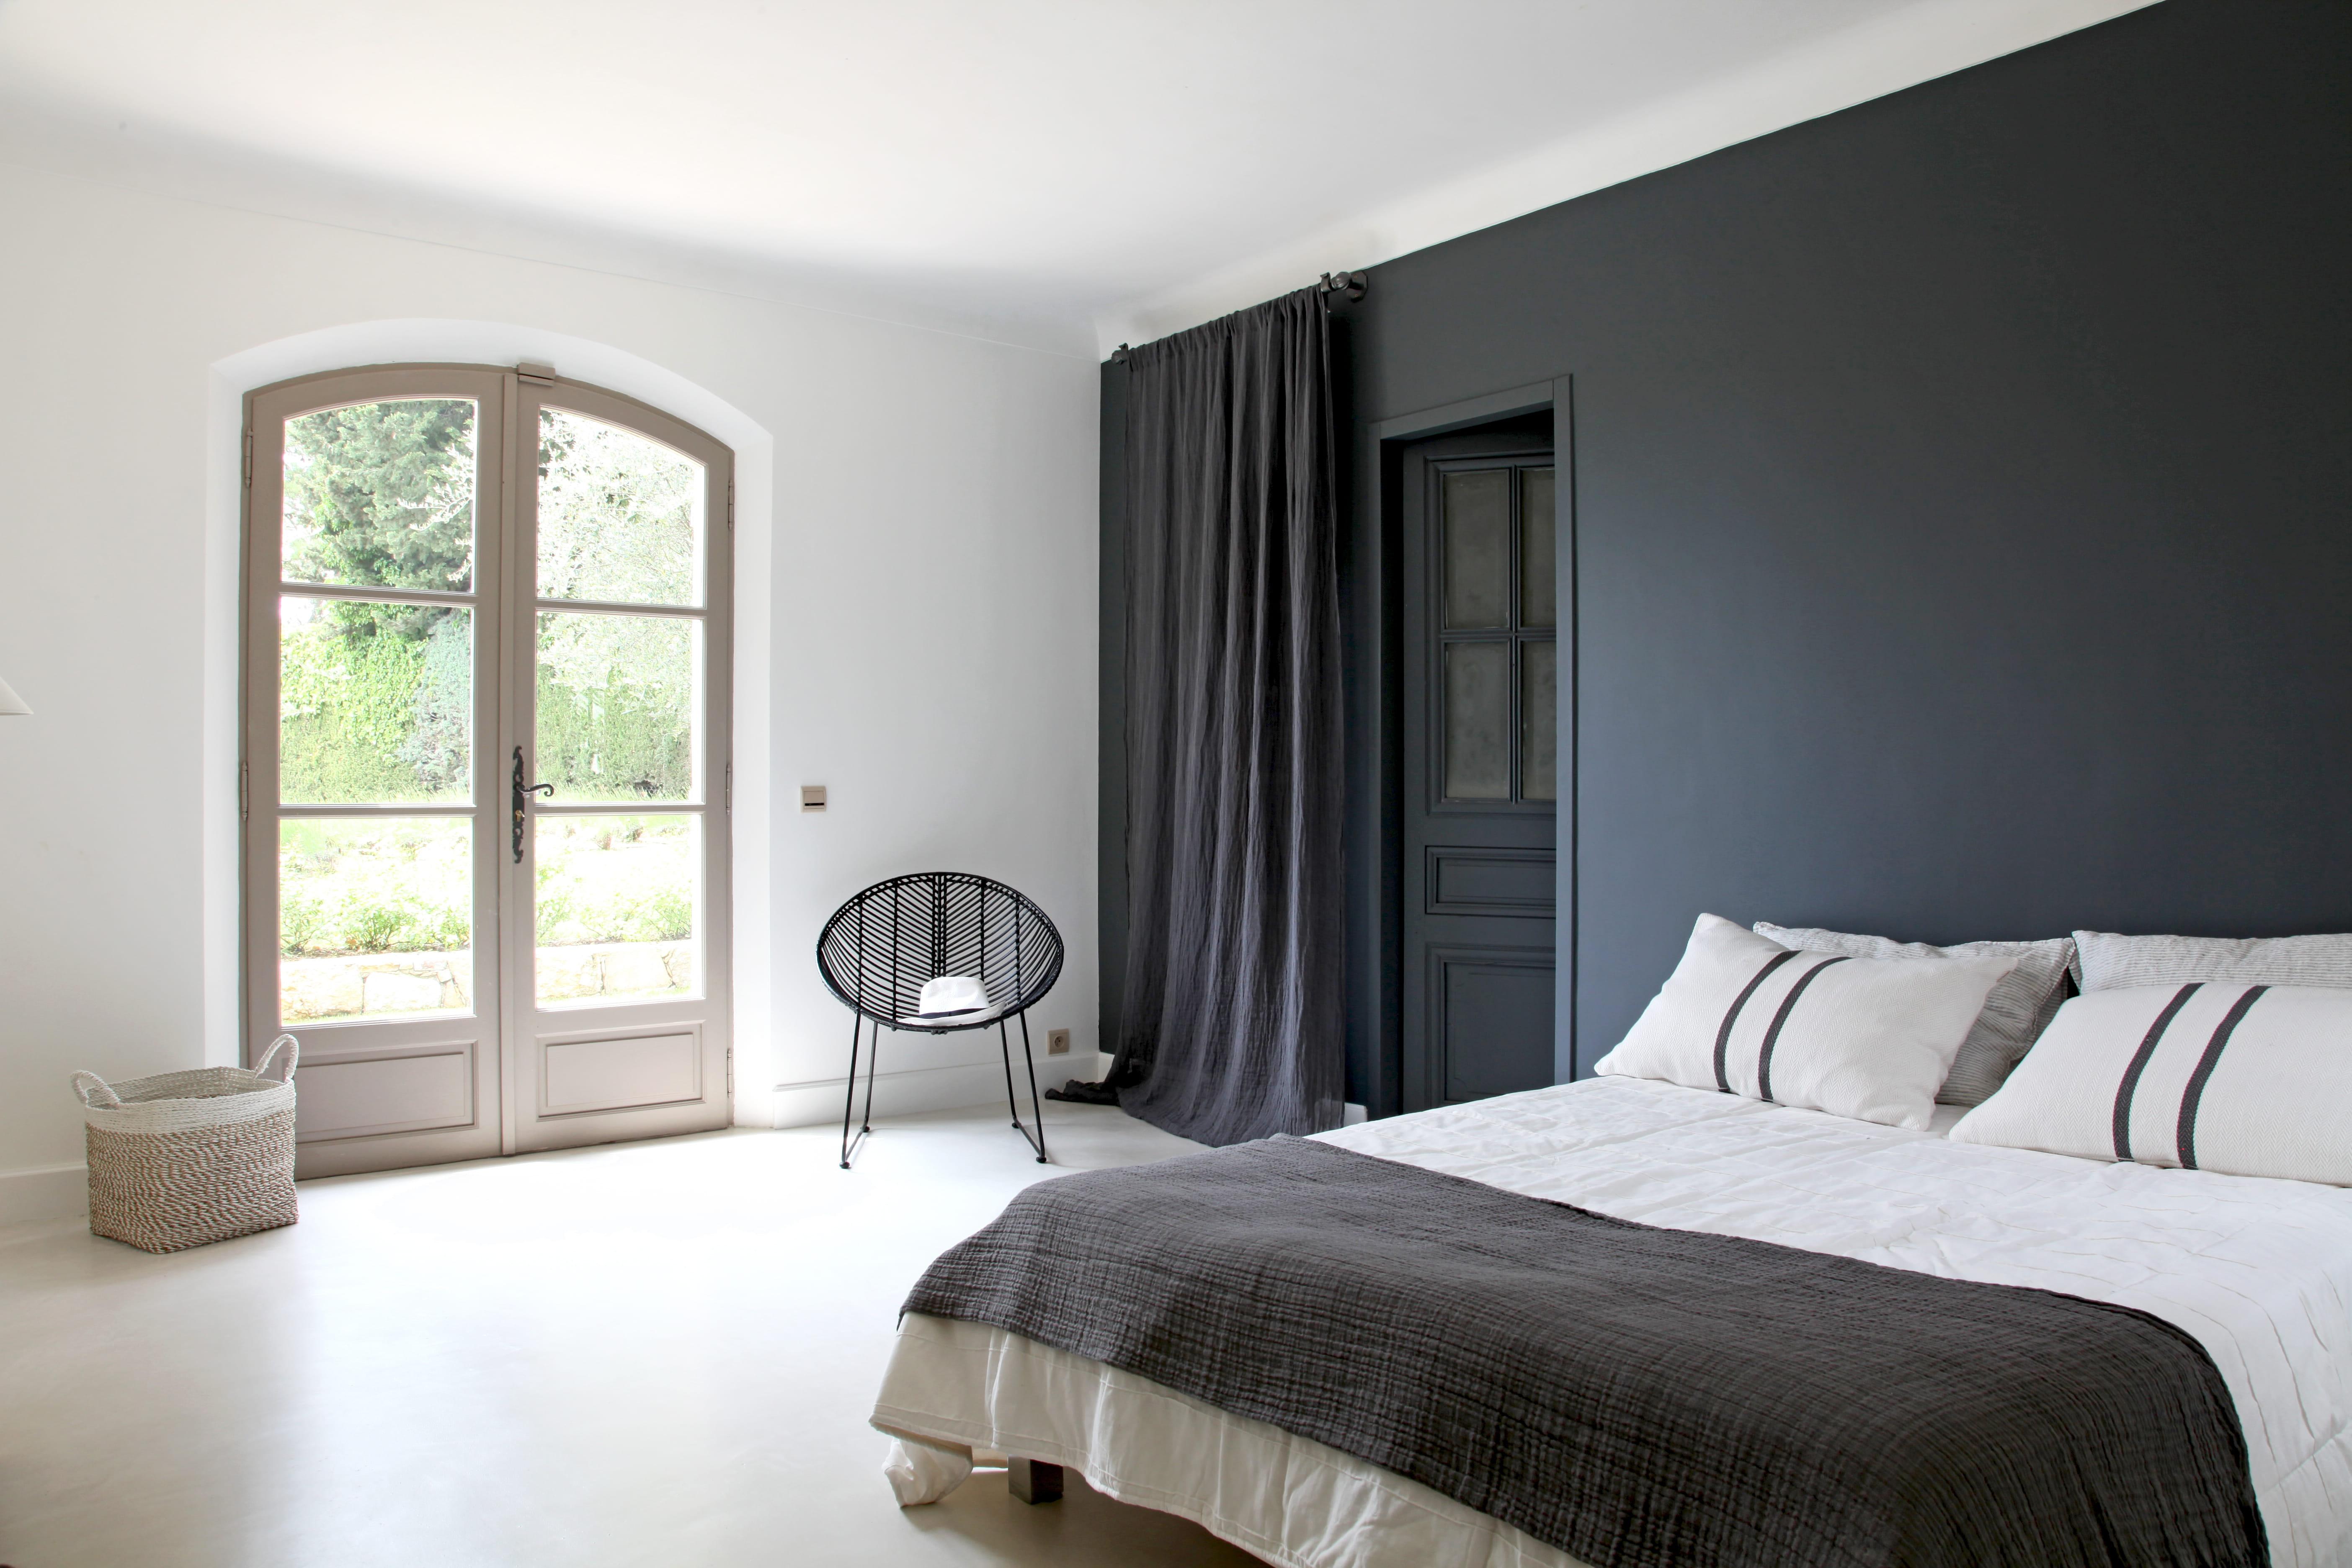 Une chambre d 39 adulte en noir et blanc - Chambre coloree adulte ...